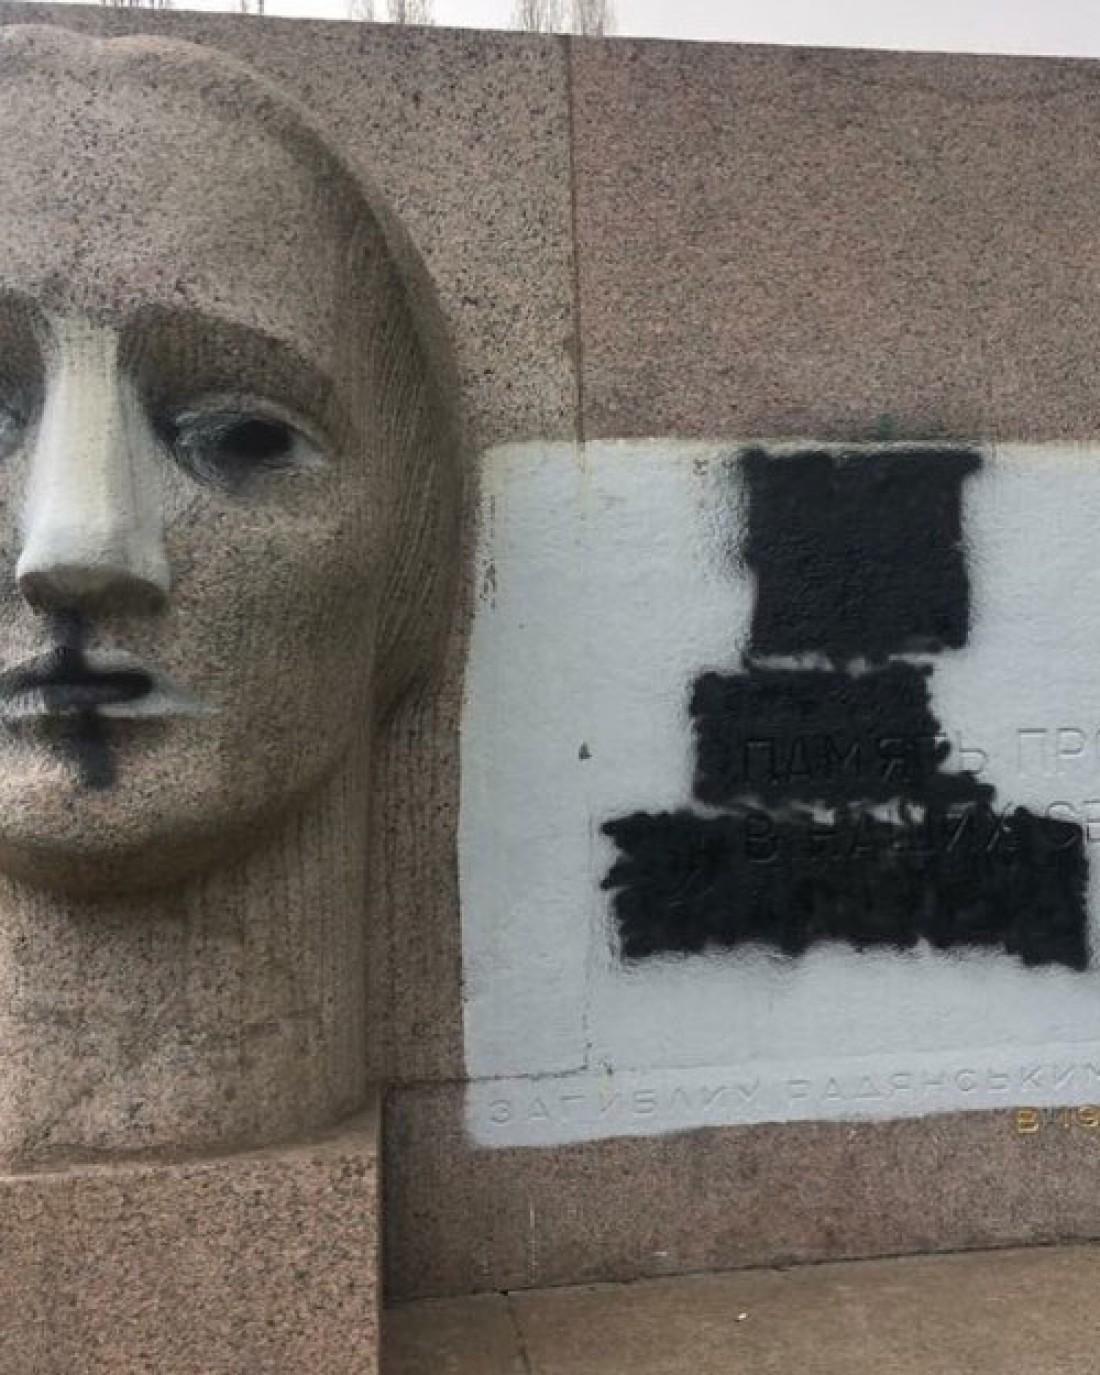 Надписи уже закрасили черной краской